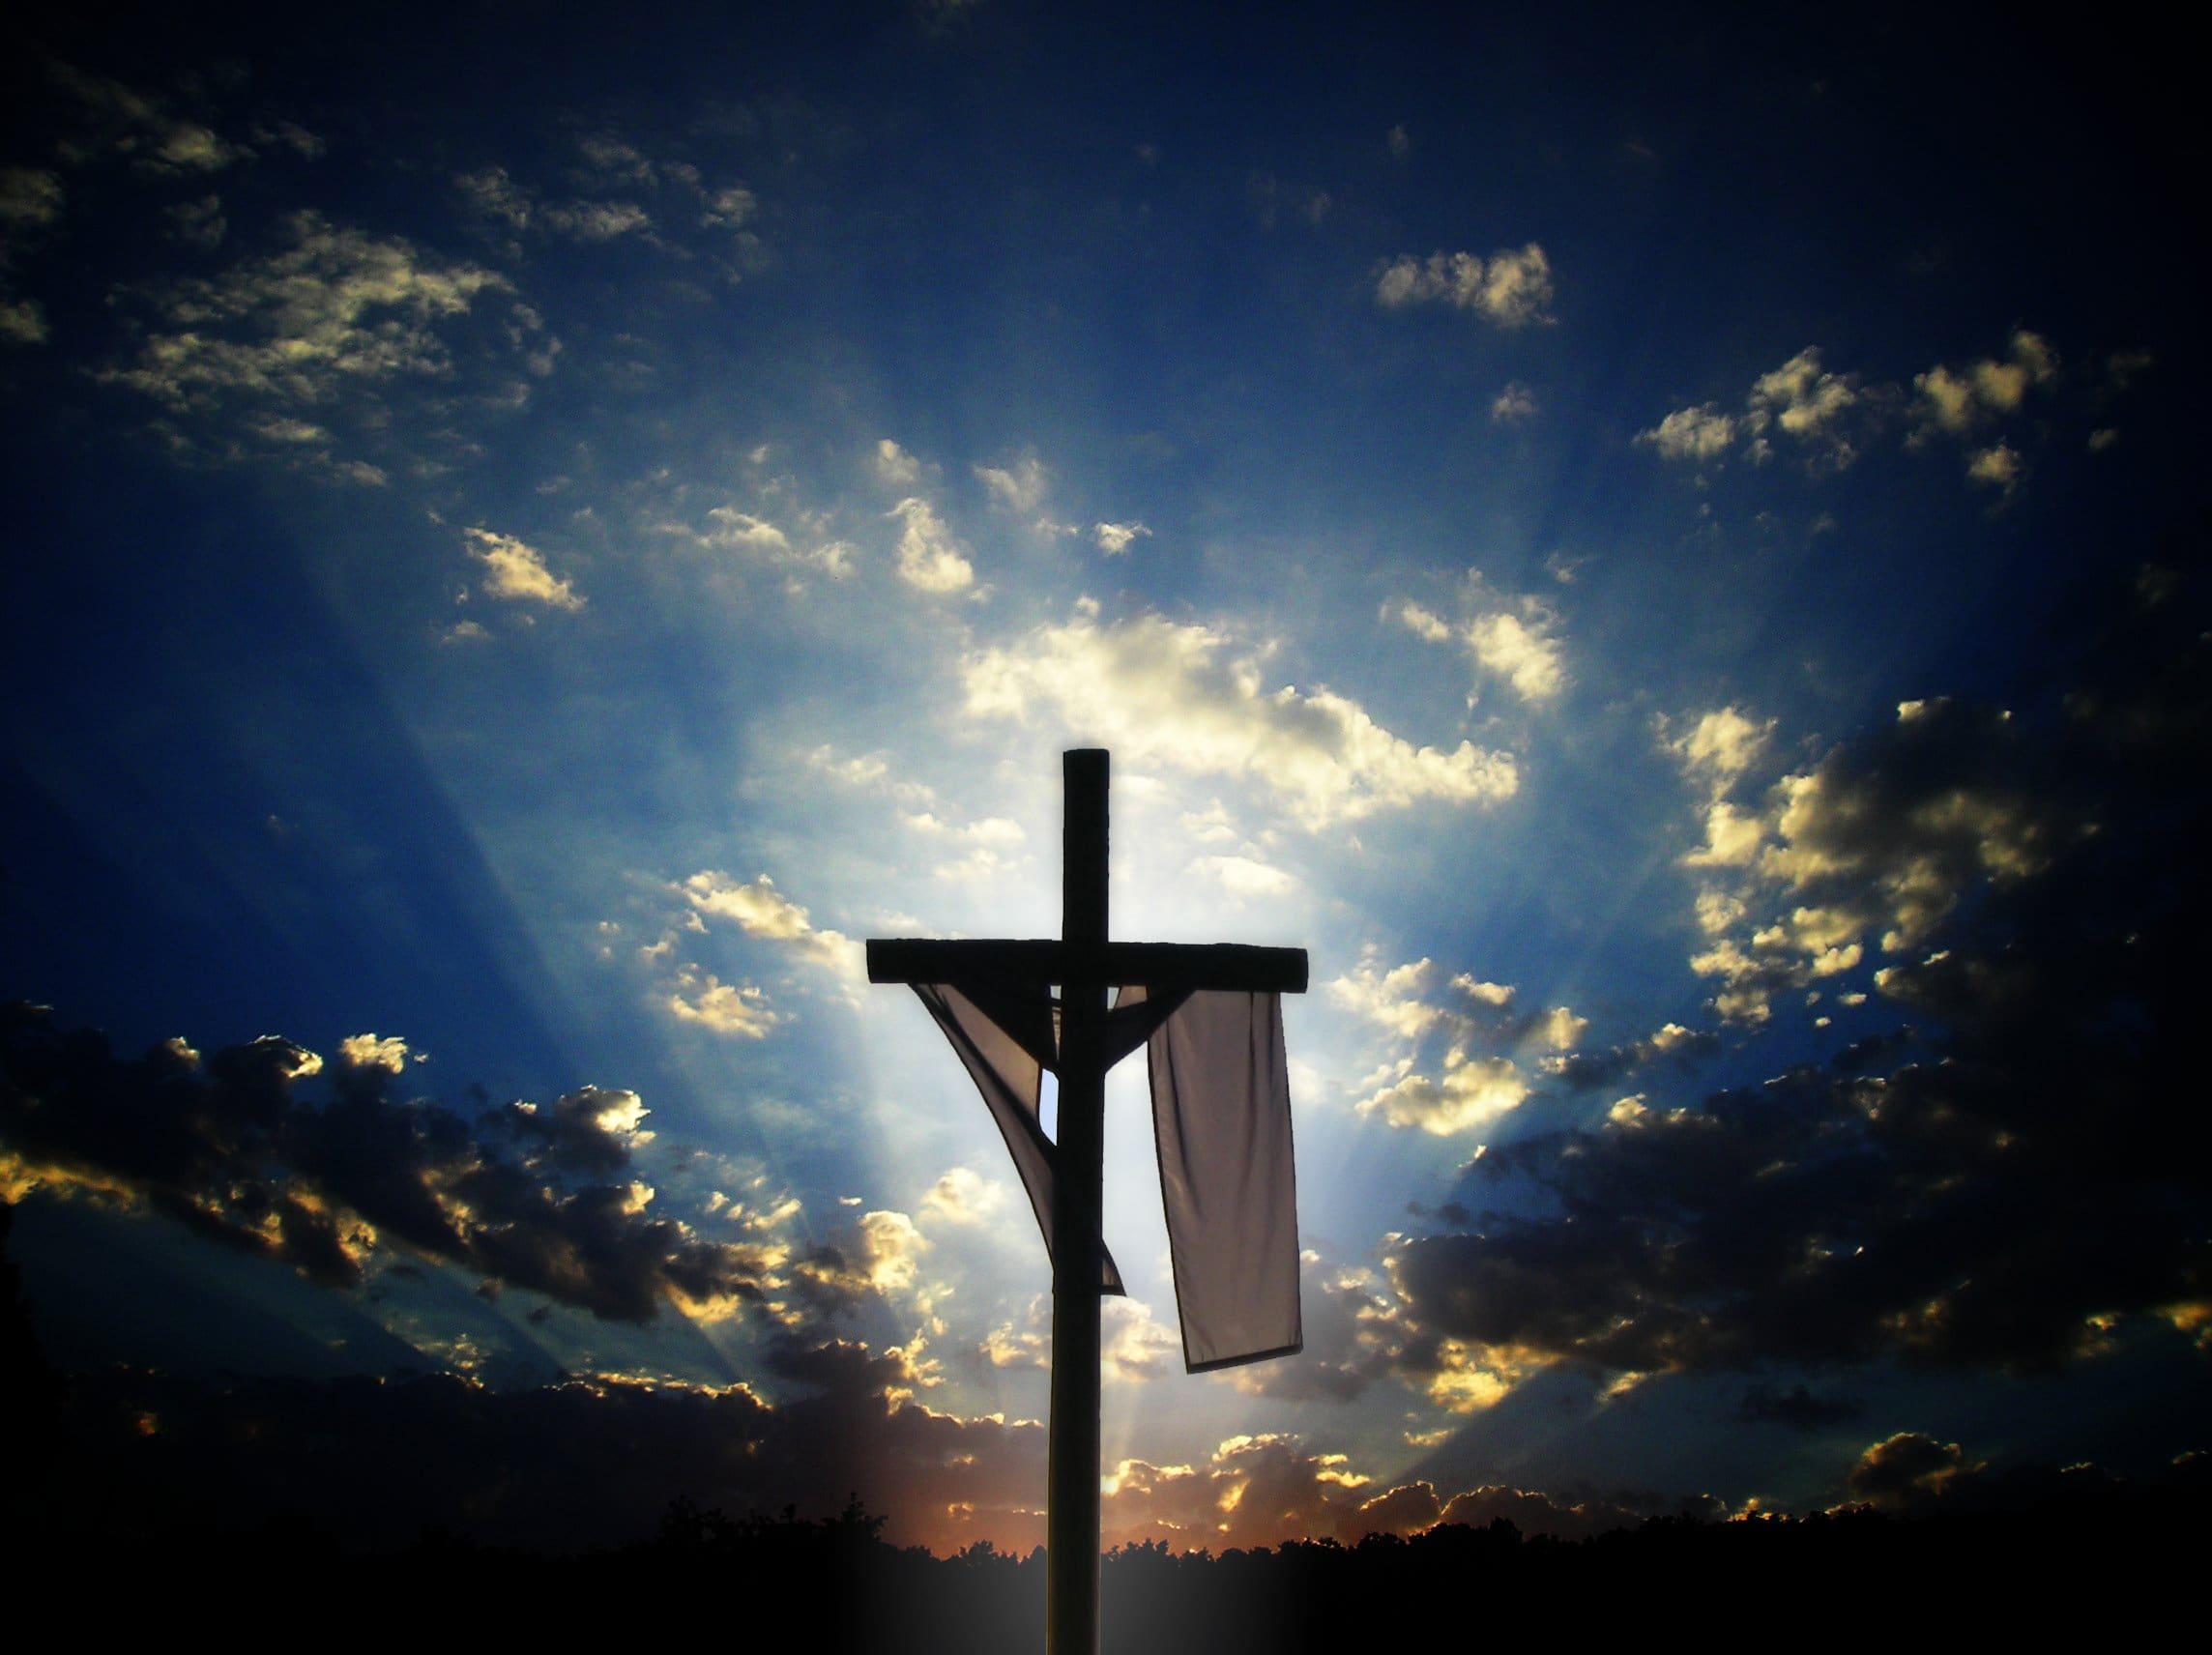 03/27/2016 He is Risen!